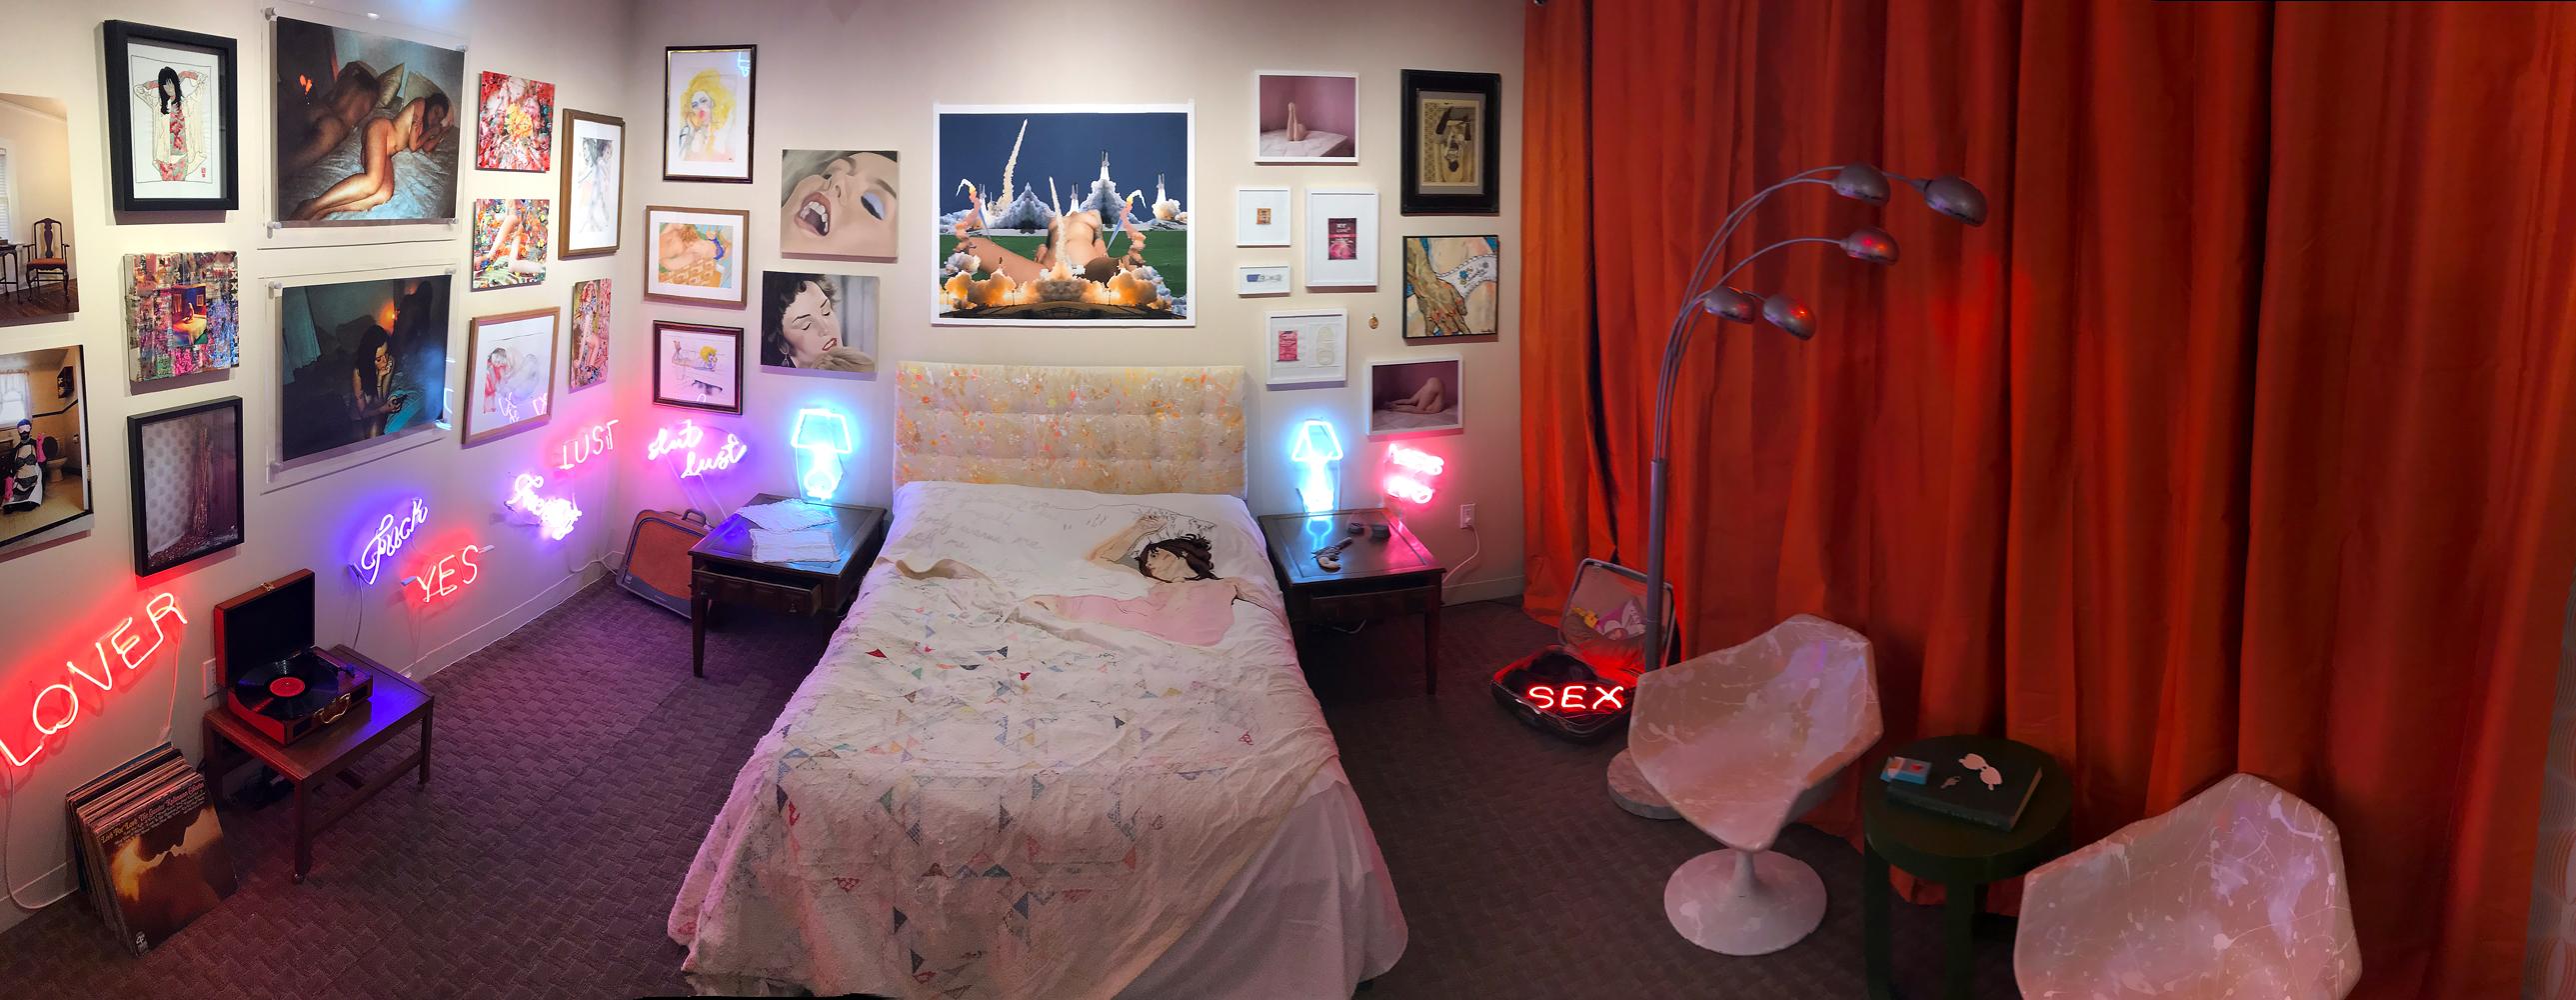 HOTEL) XX - NEON SCULPTURES / INSTALLATION - SPRING/BREAK ART SHOW